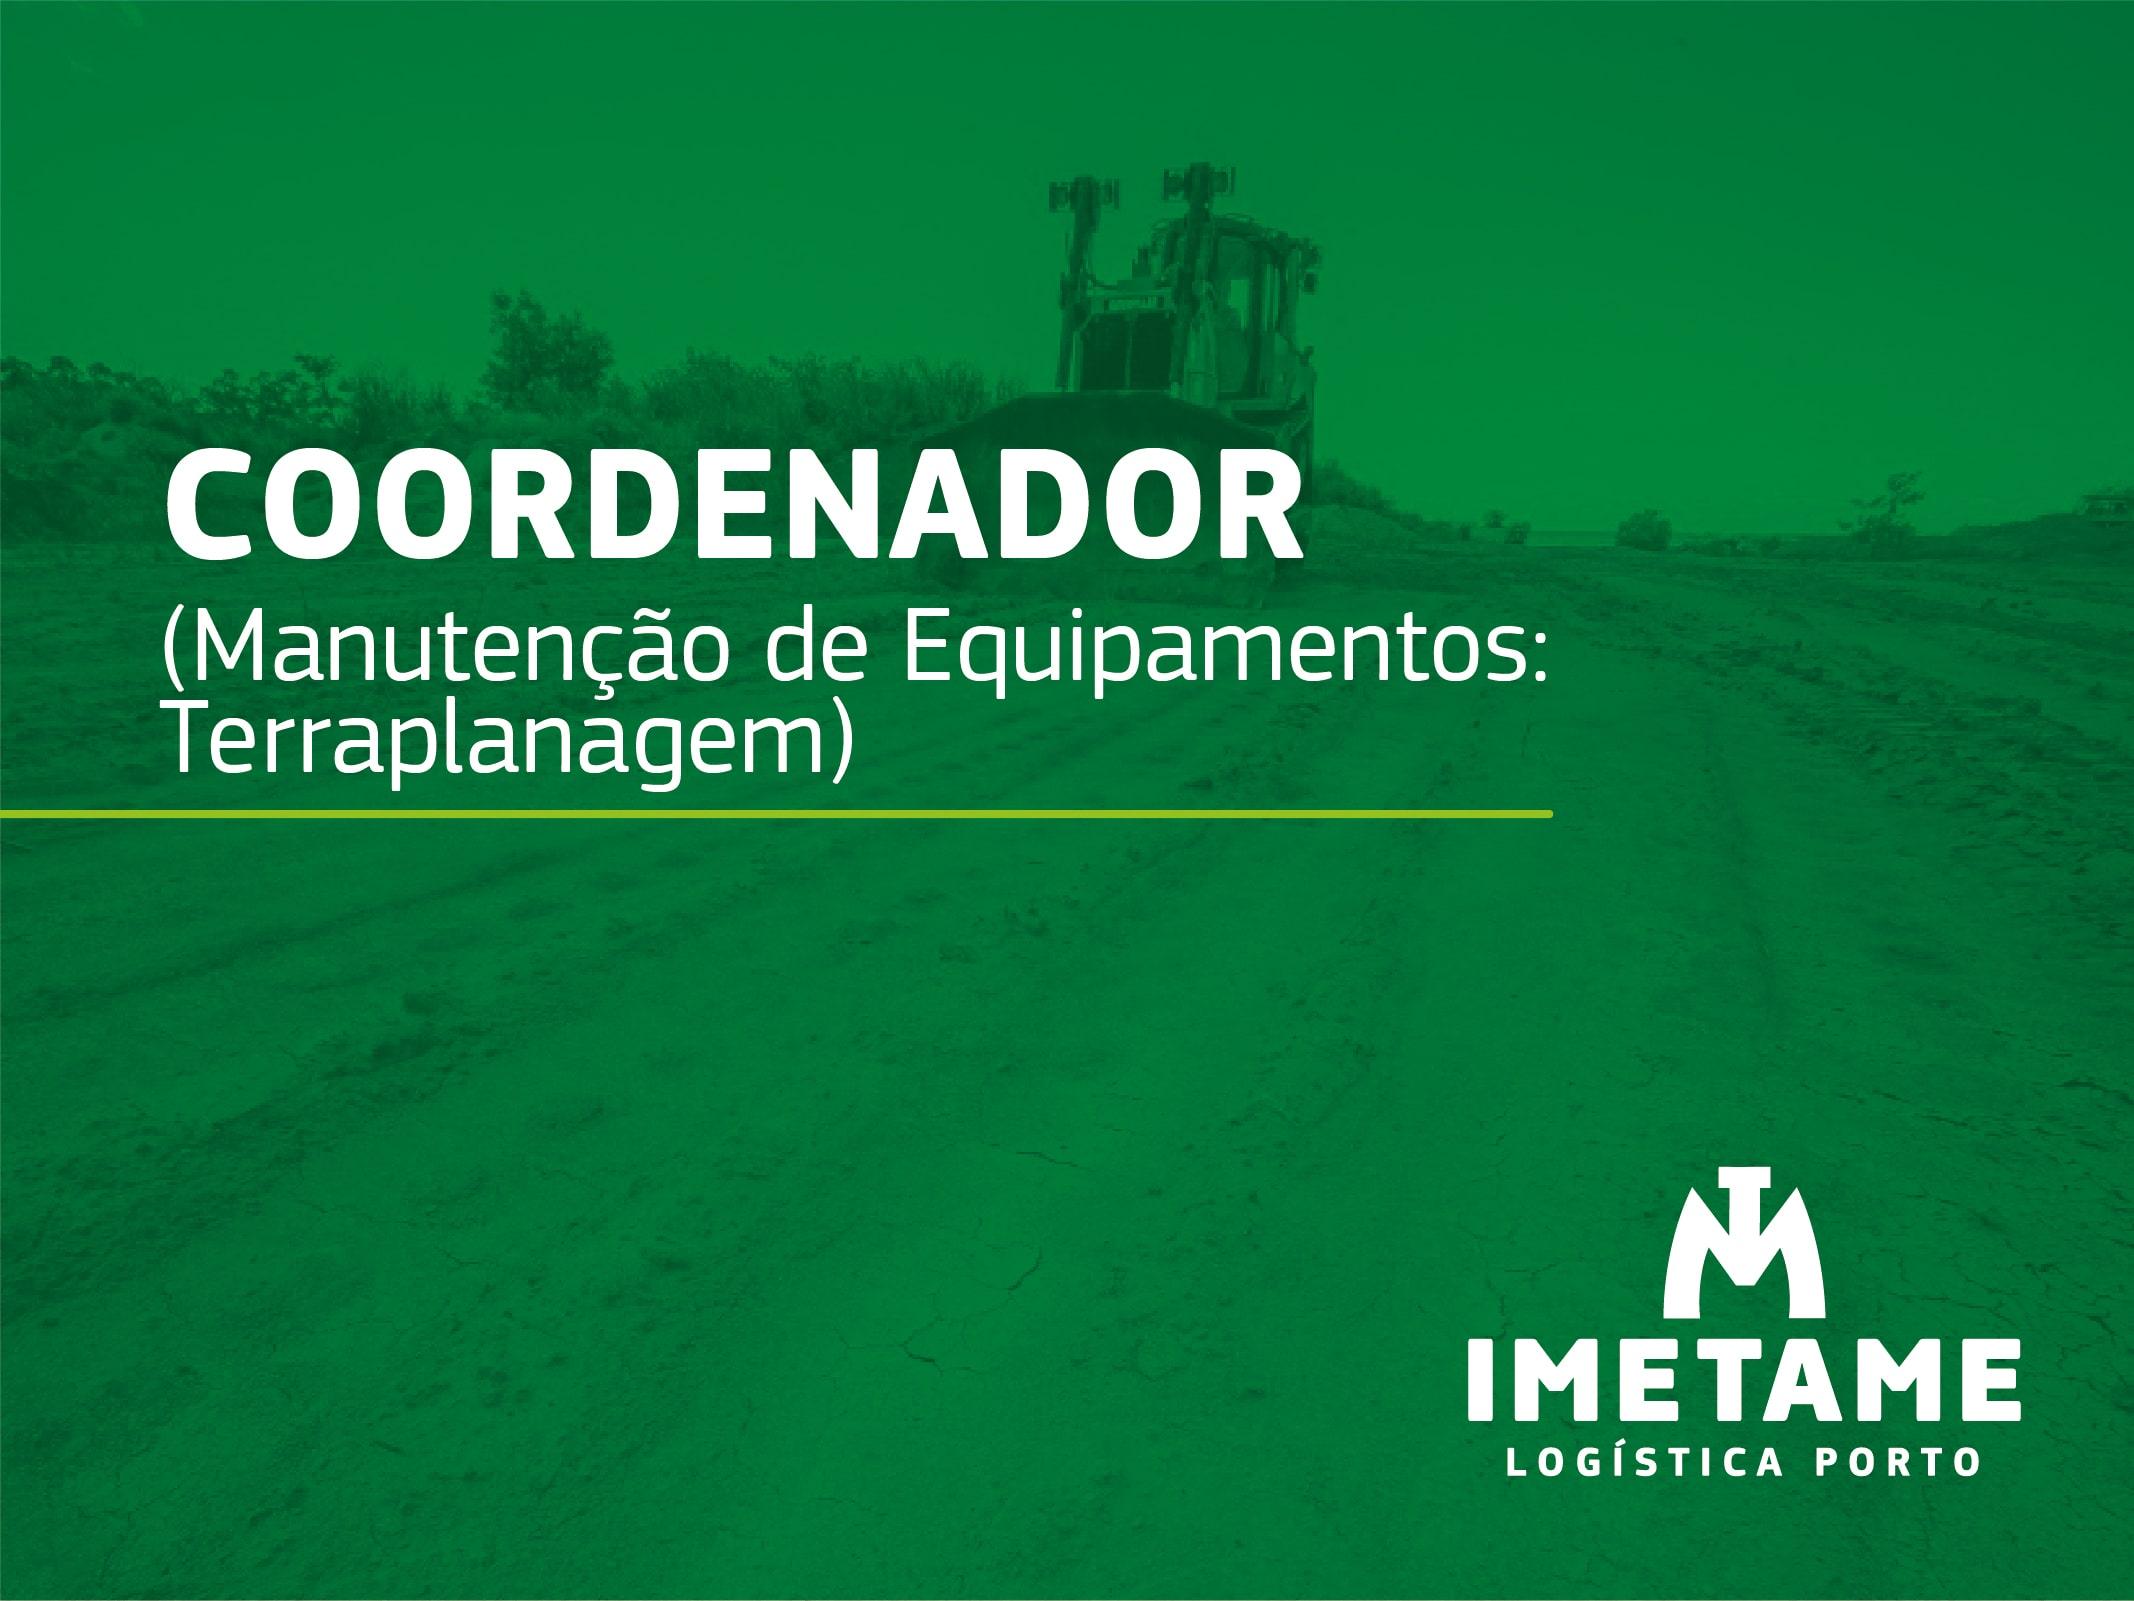 Coordenador – Manutenção de Equipamentos: Terraplanagem